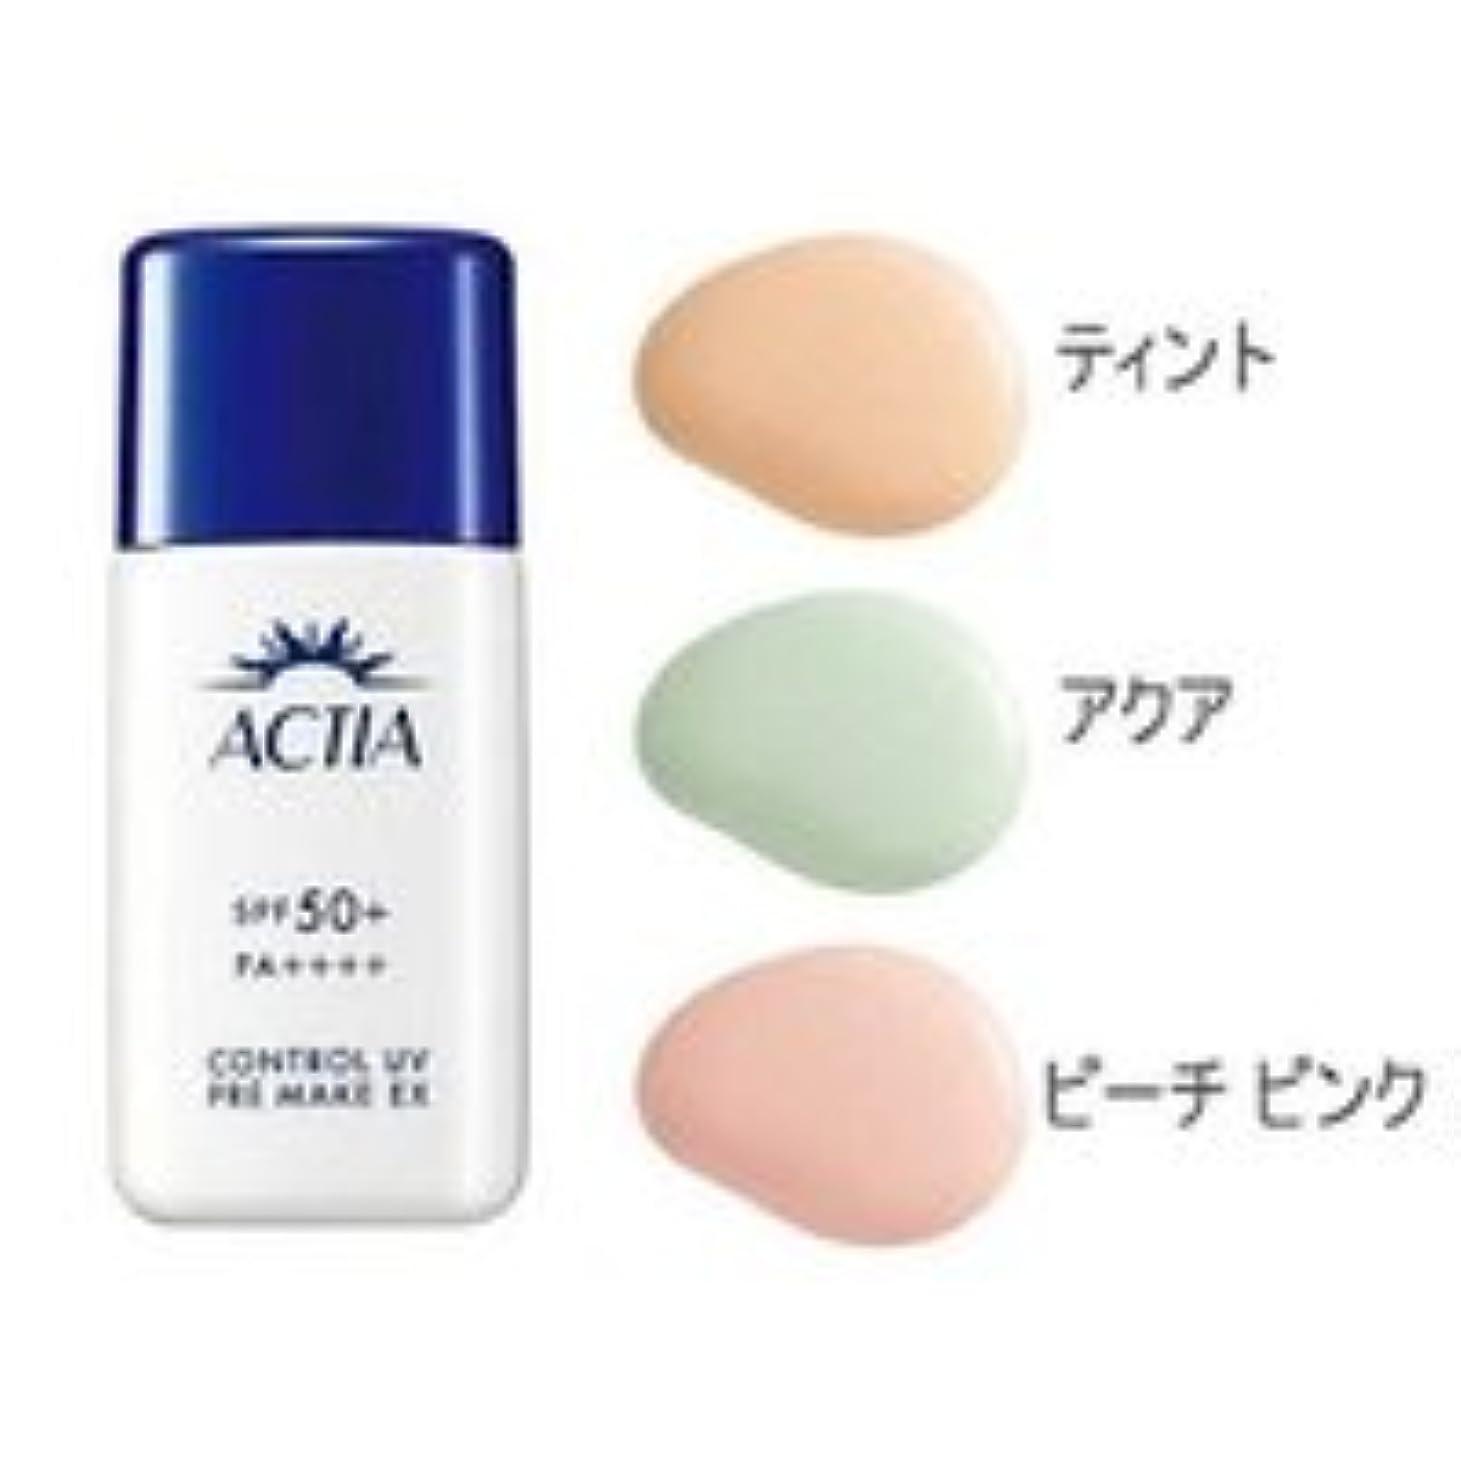 折り目なぜなら薬エイボン (AVON) アクティア コントロール UV プレメイク EX 30ml (ティント)